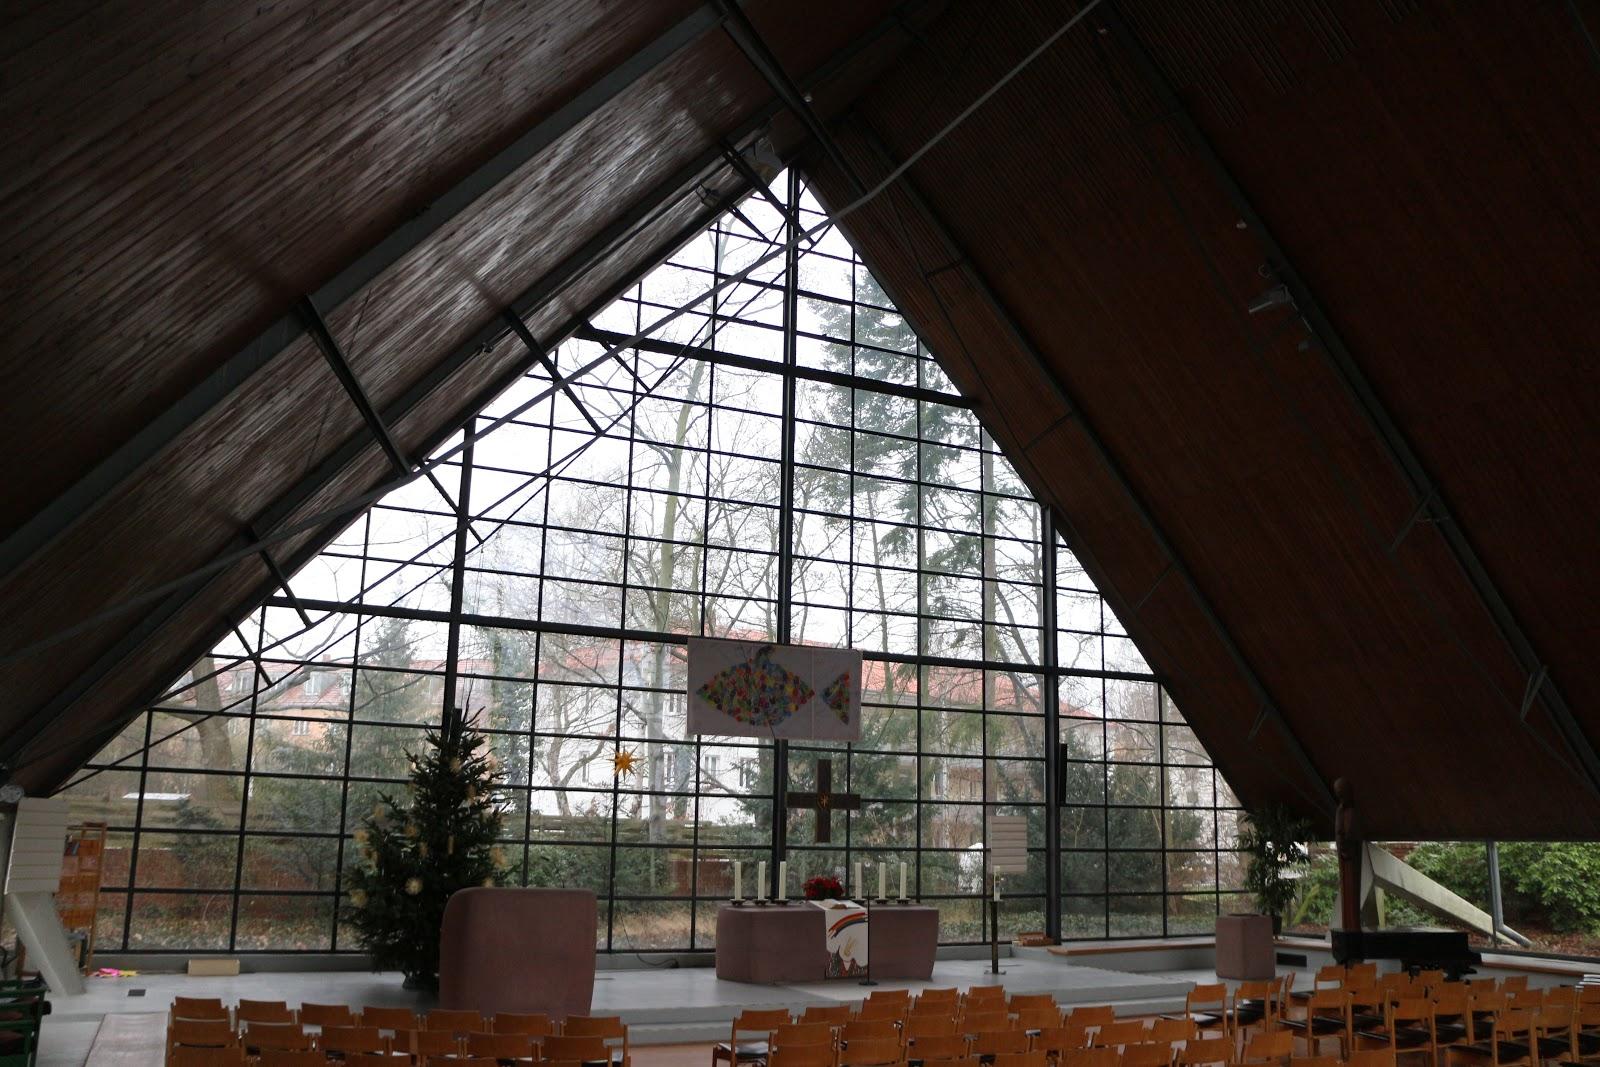 膜ではないフライオットーの建築 ベルリンシェーノウ教会 スパン